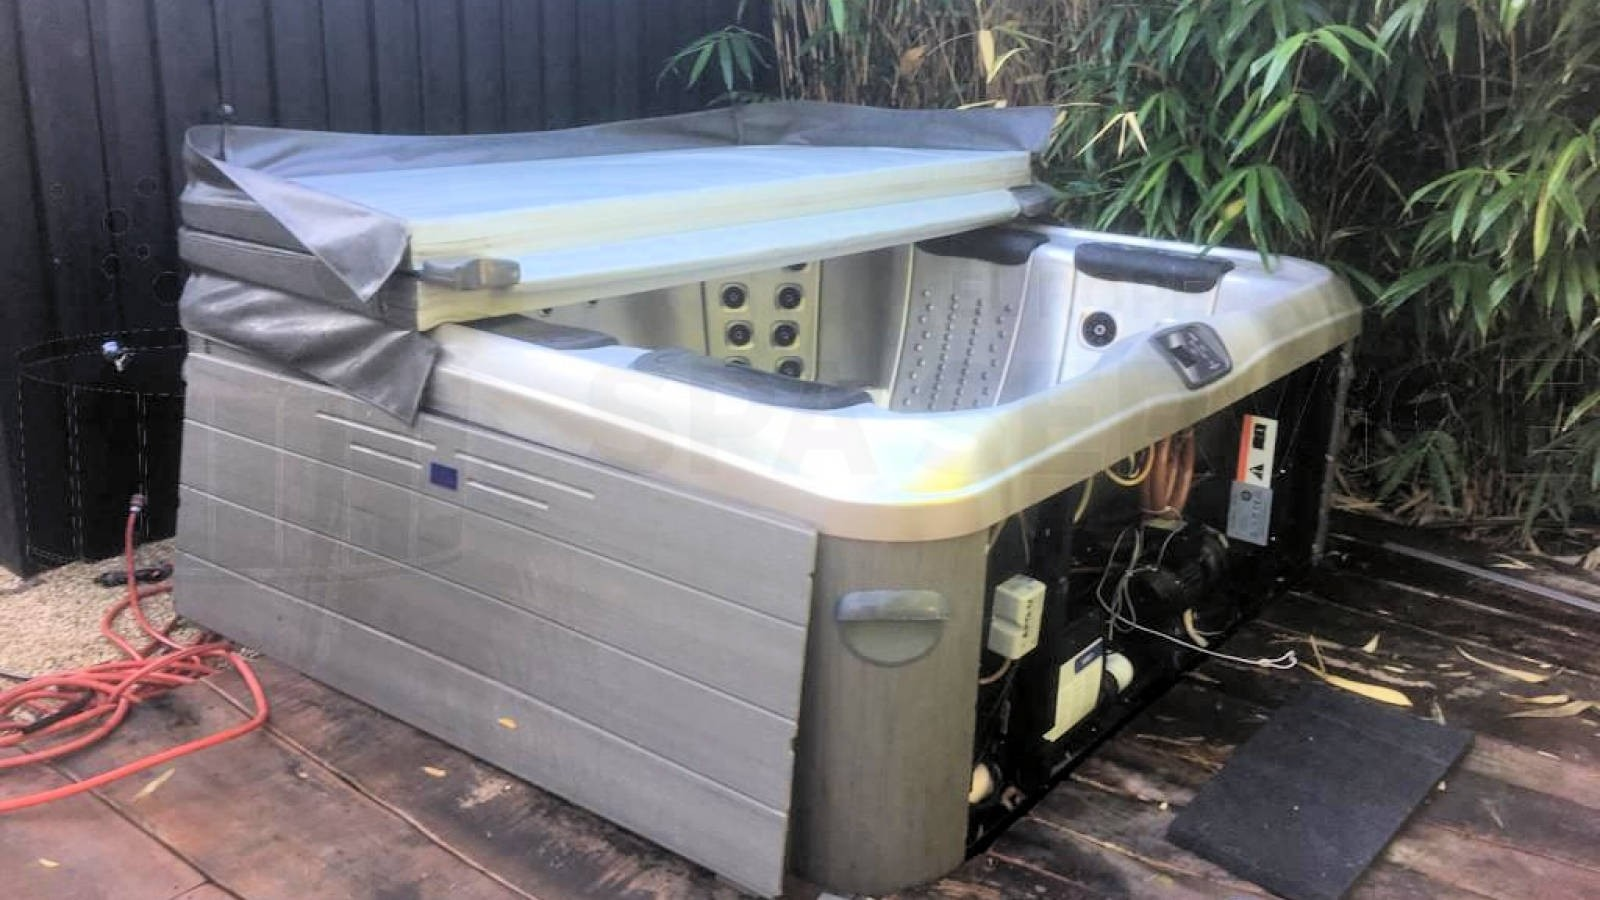 Reparatie van een lekkage aan een Villeroy & Boch A7LE spa in Laren